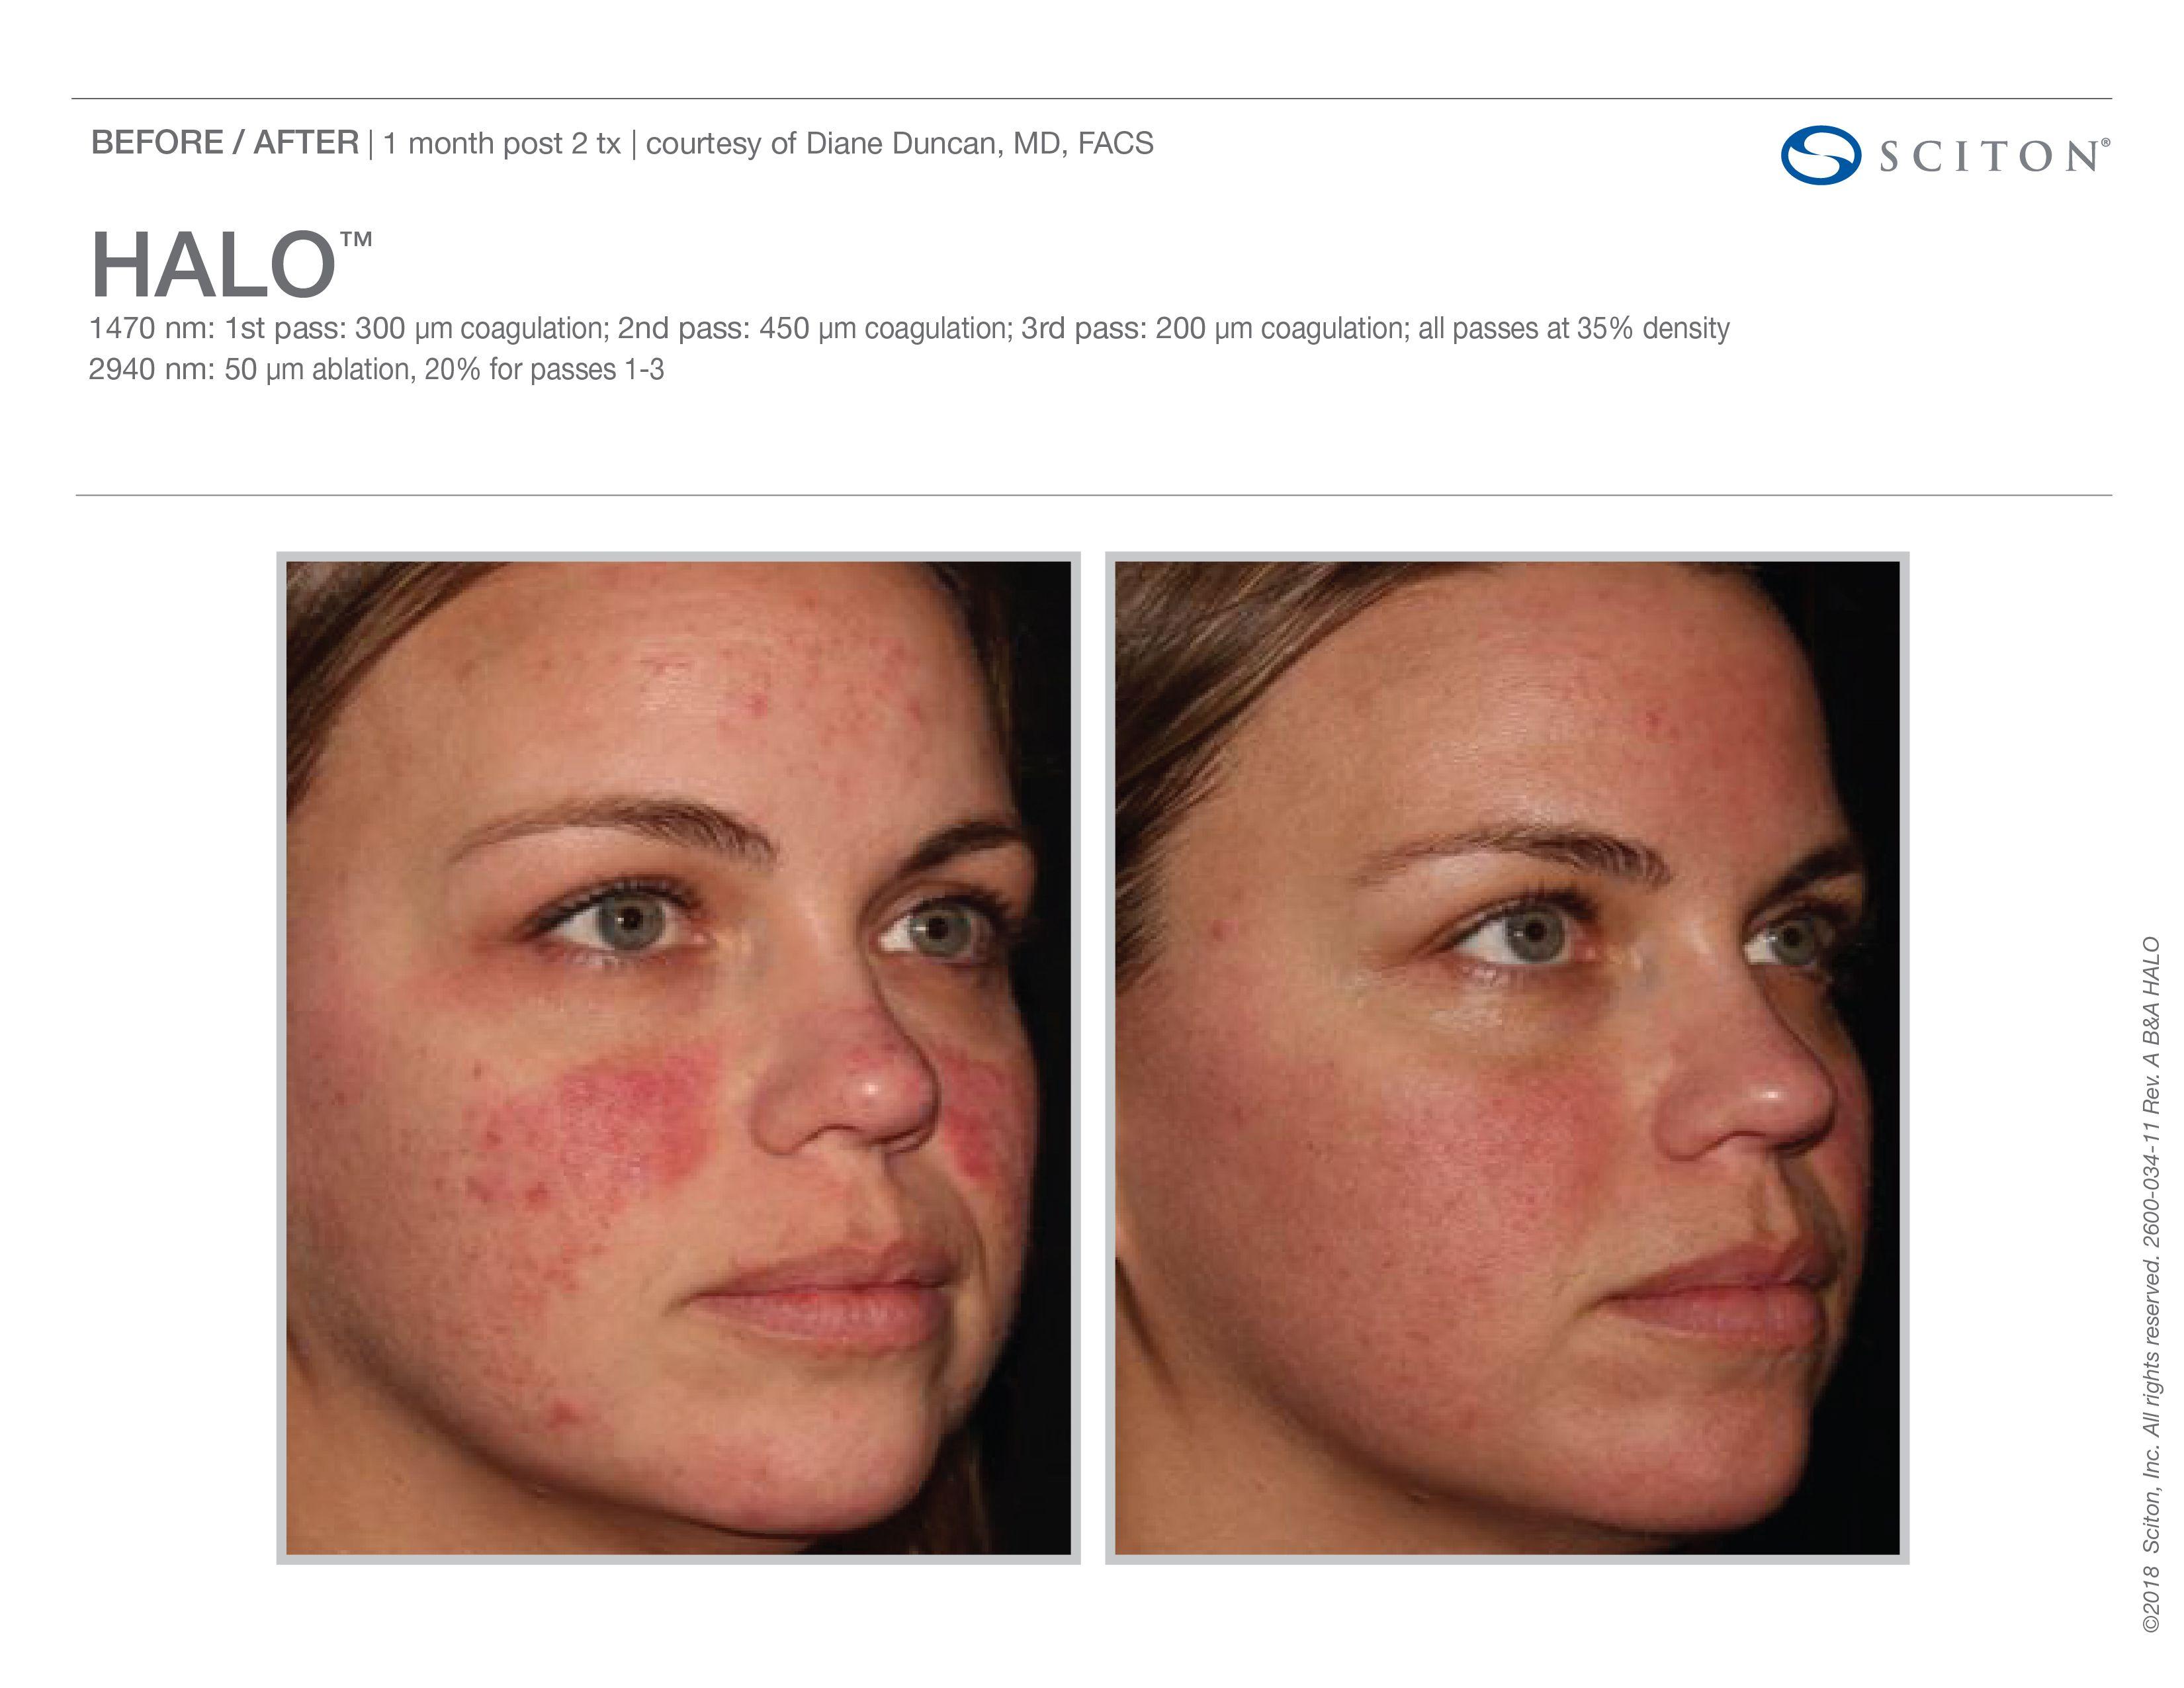 Sciton Halo Skin Rejuvenation in 2020 Med spa, Skin